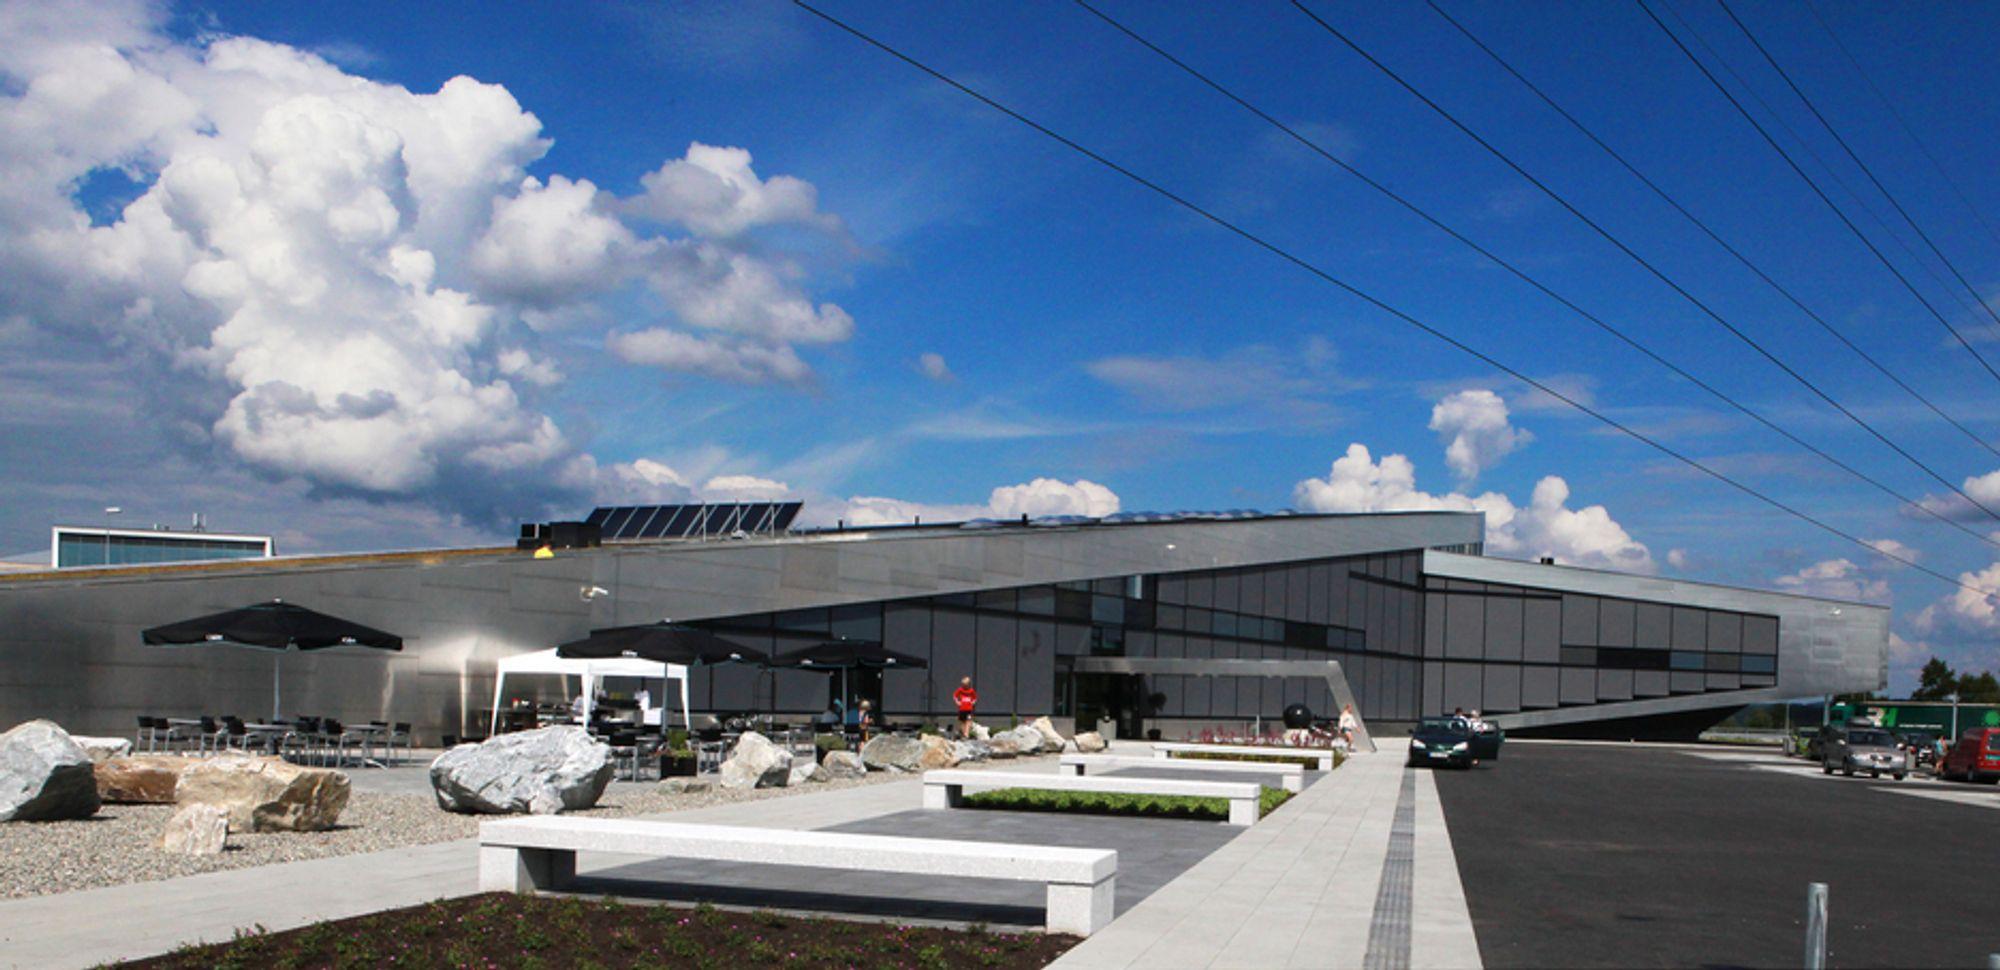 PASSIVHUS: Inspiria ble ikke tegnet som et passivhus, men endte likevel slik. I tillegg har huset fått solcellevegg som skal bidra med 2 kW, solfangere på taket som forvarmer vannet, og en vindmølle som skal bidra med 6 kW.